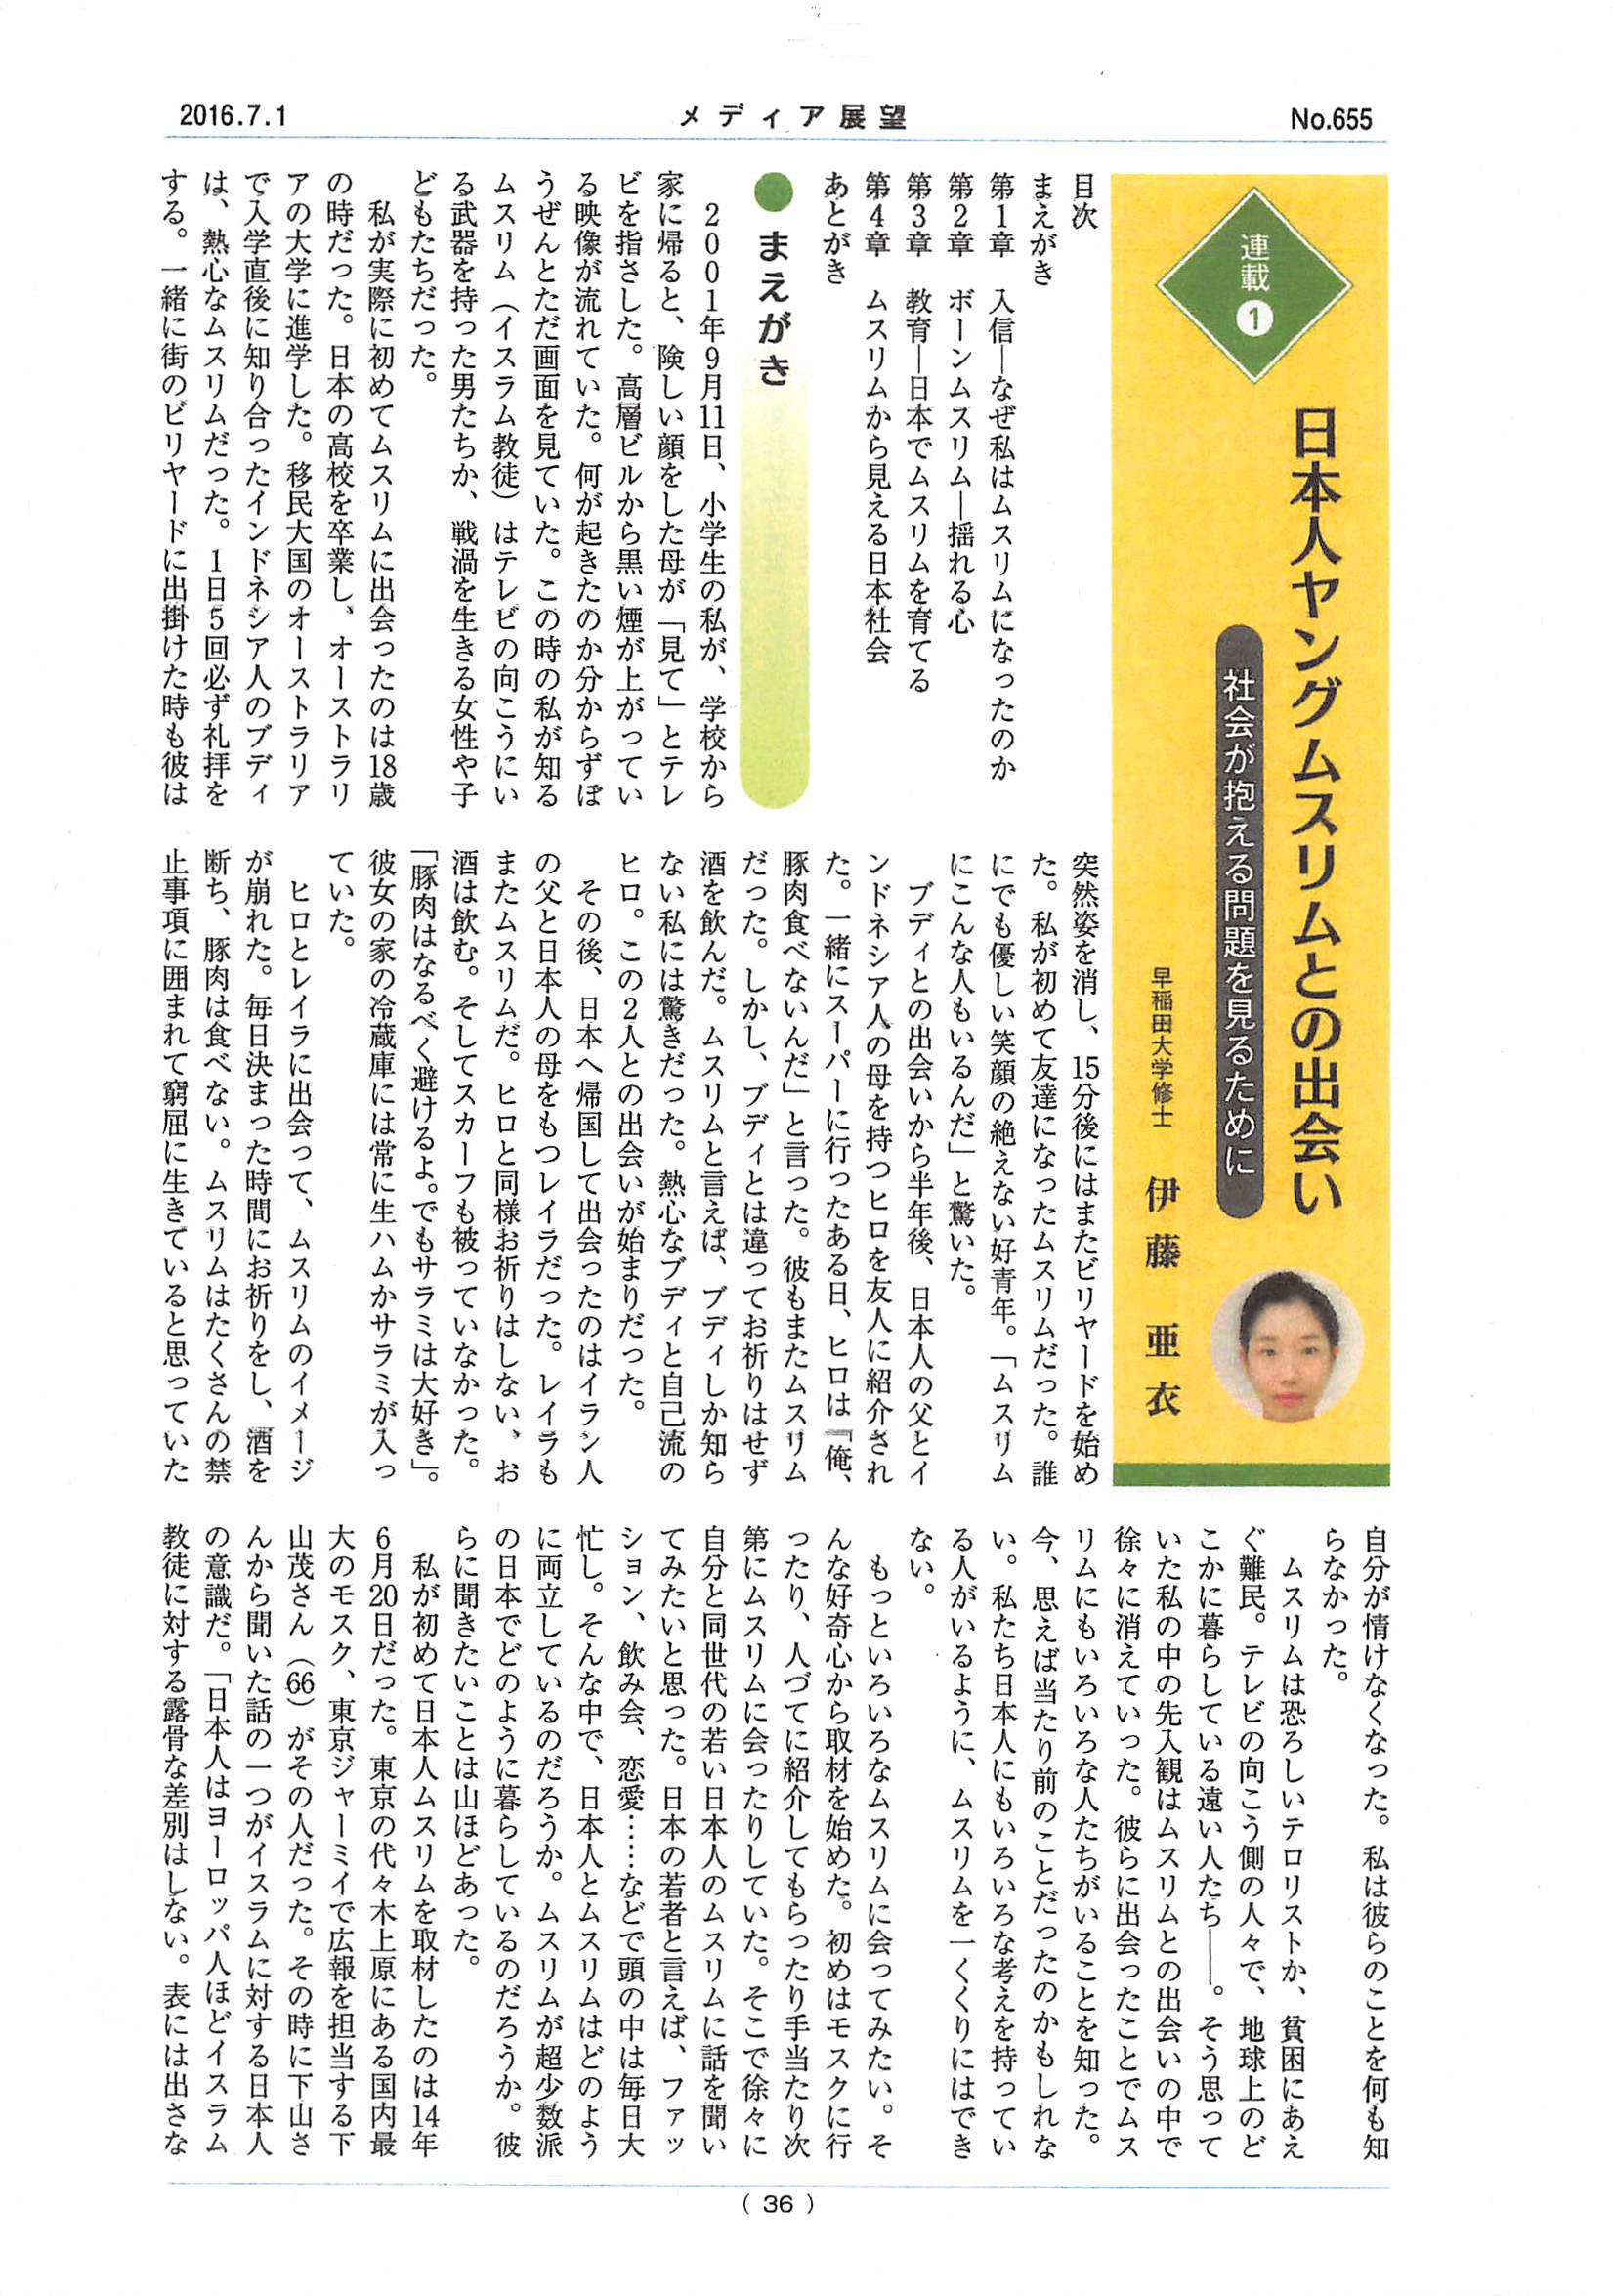 ジャーナリズム大学院の修士作品 ルポ「日本人ヤングムスリムとの出会い」が、月刊『メディア展望』2016年7月号から連載されることになりました